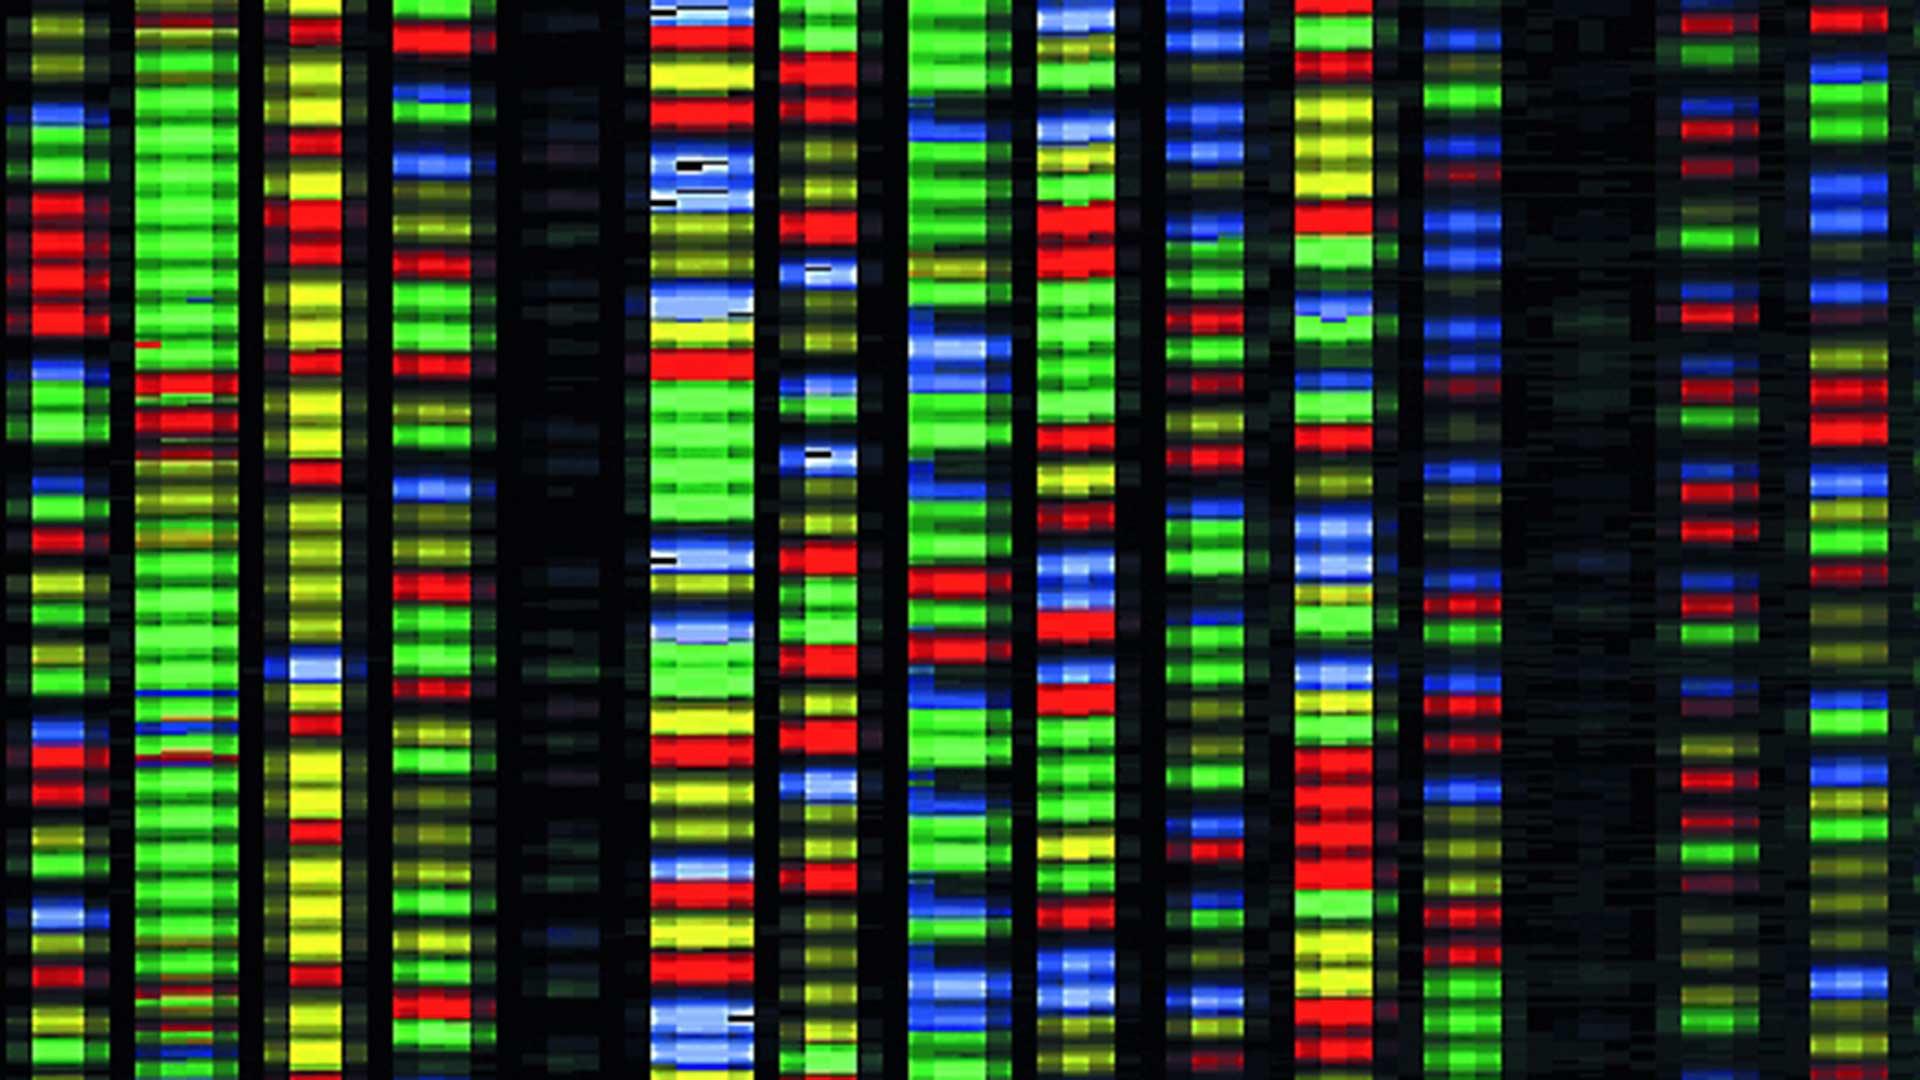 Геном человека: редактировать или не редактировать?